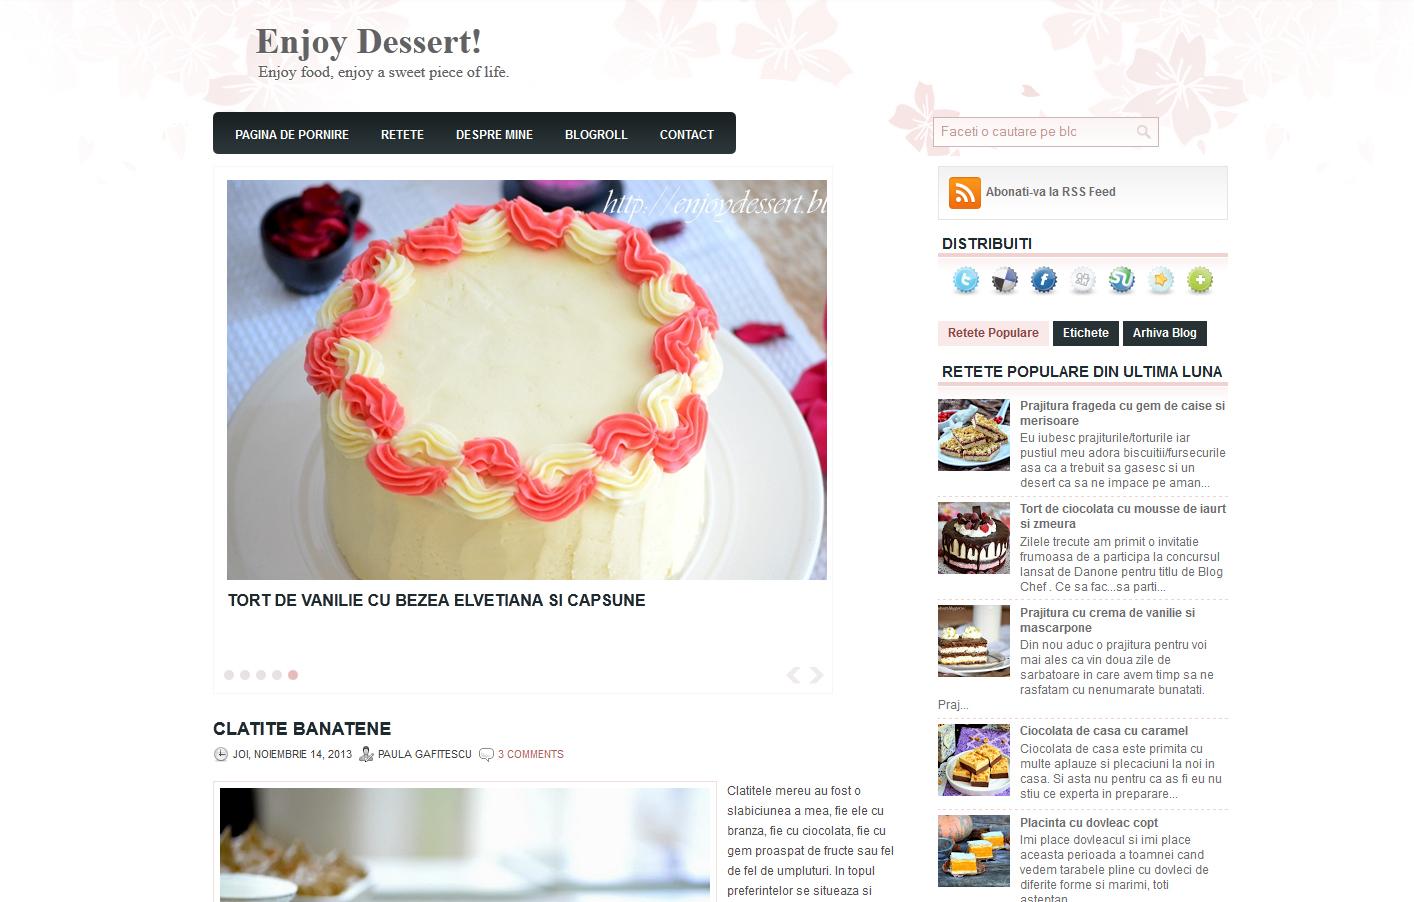 http://enjoydessert.blogspot.ro/